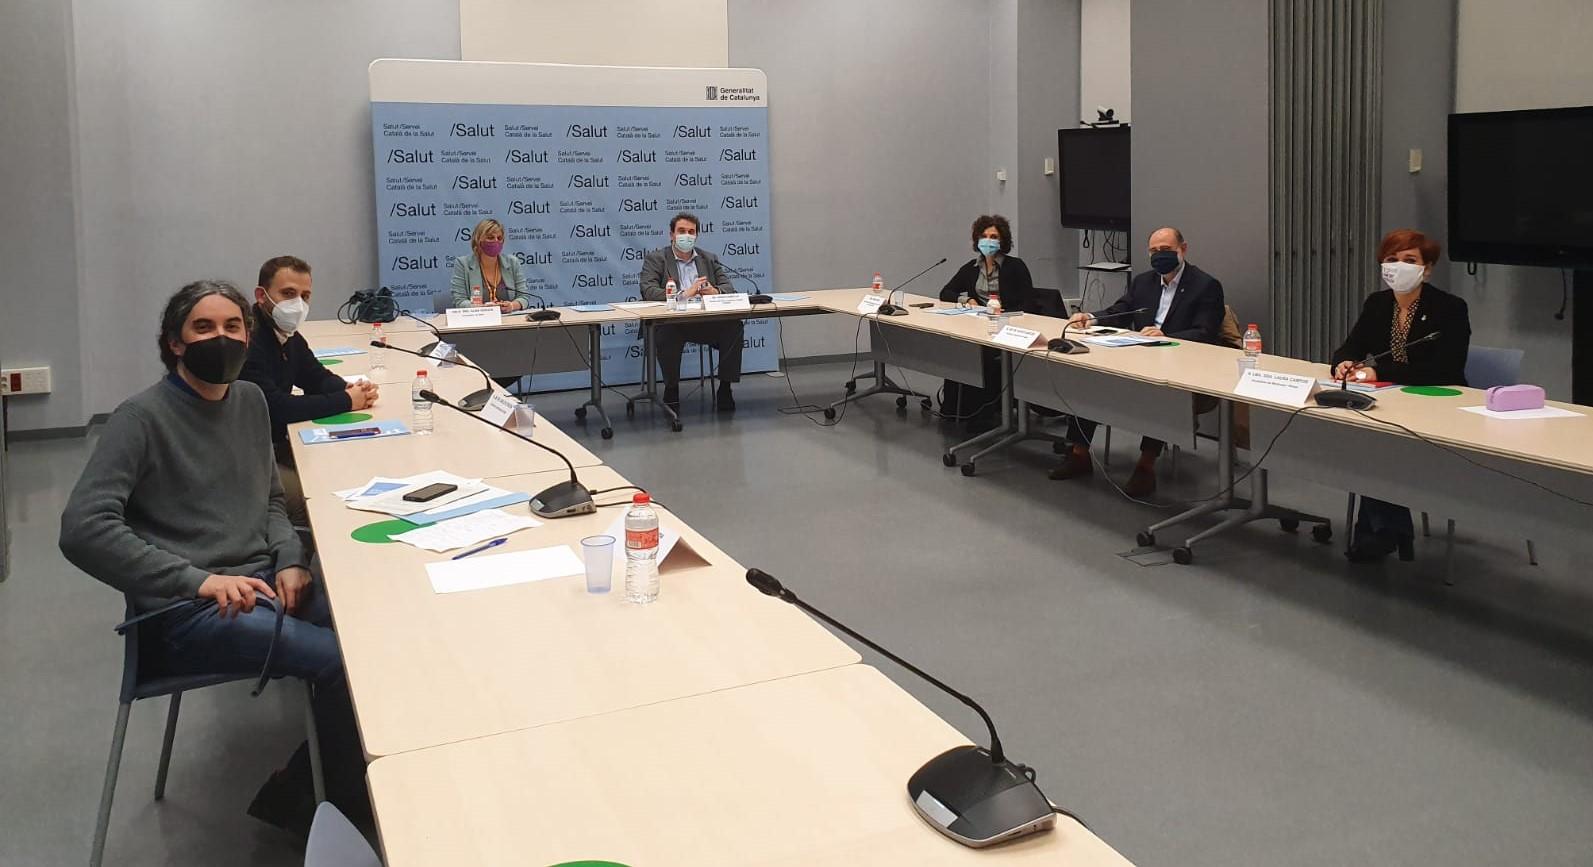 Una imatge de la reunió de Vergés i Comella amb alcaldes i alcaldesses del territori.